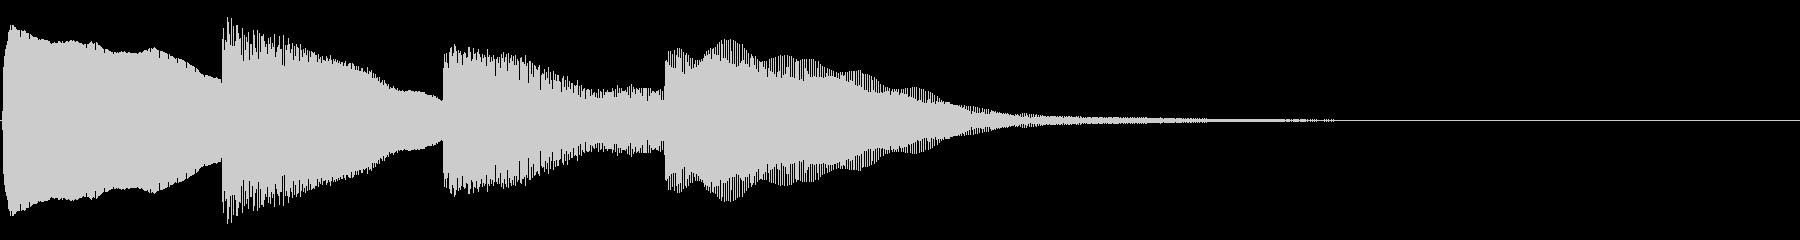 ピンポンパンポン01-3の未再生の波形